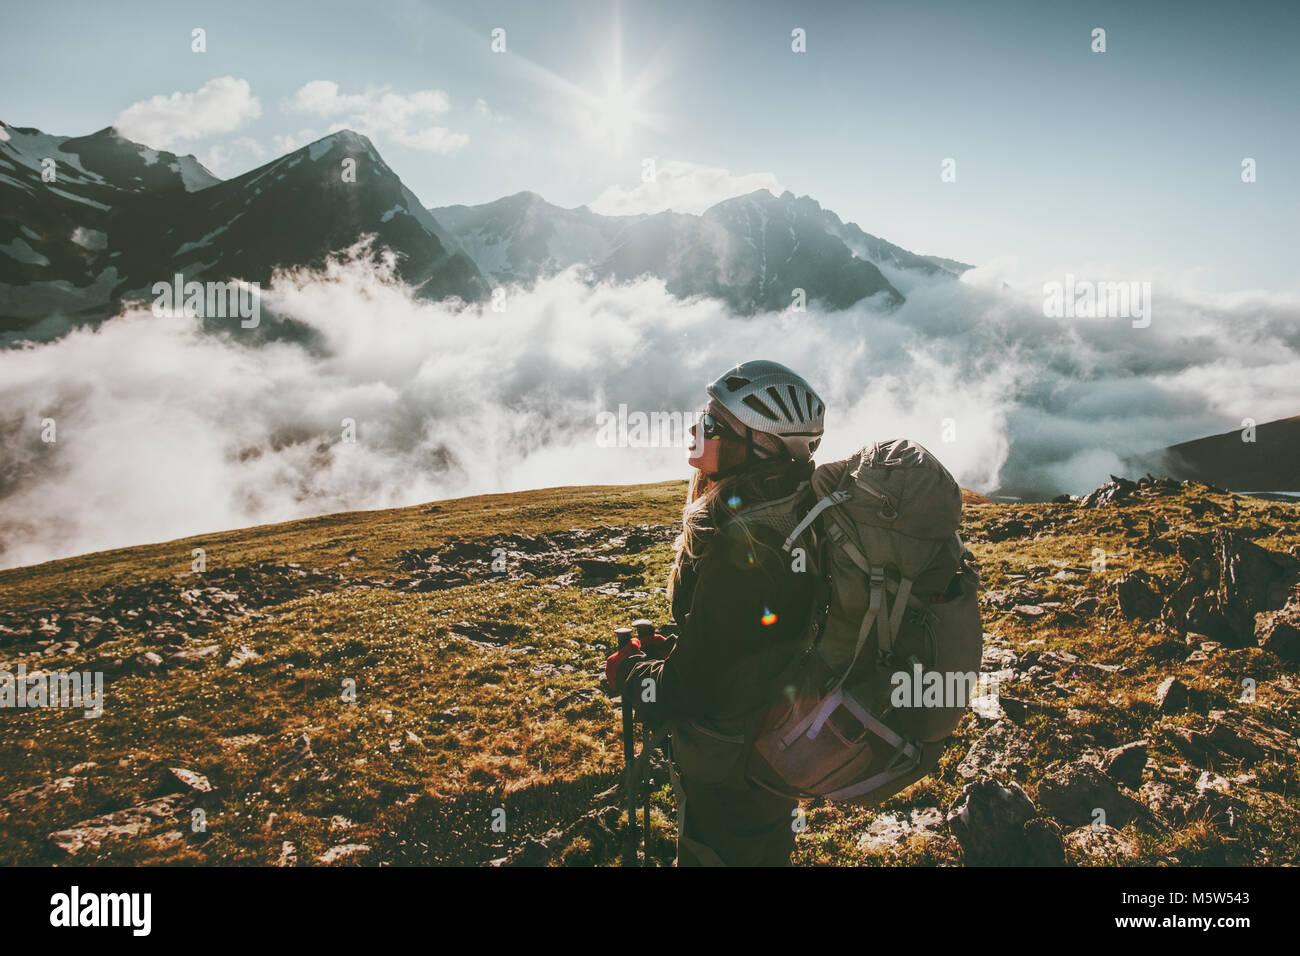 Backpacker mujer observando montañas nubes paisaje Viajes Vida sana aventura vacaciones de verano al aire libre Imagen De Stock